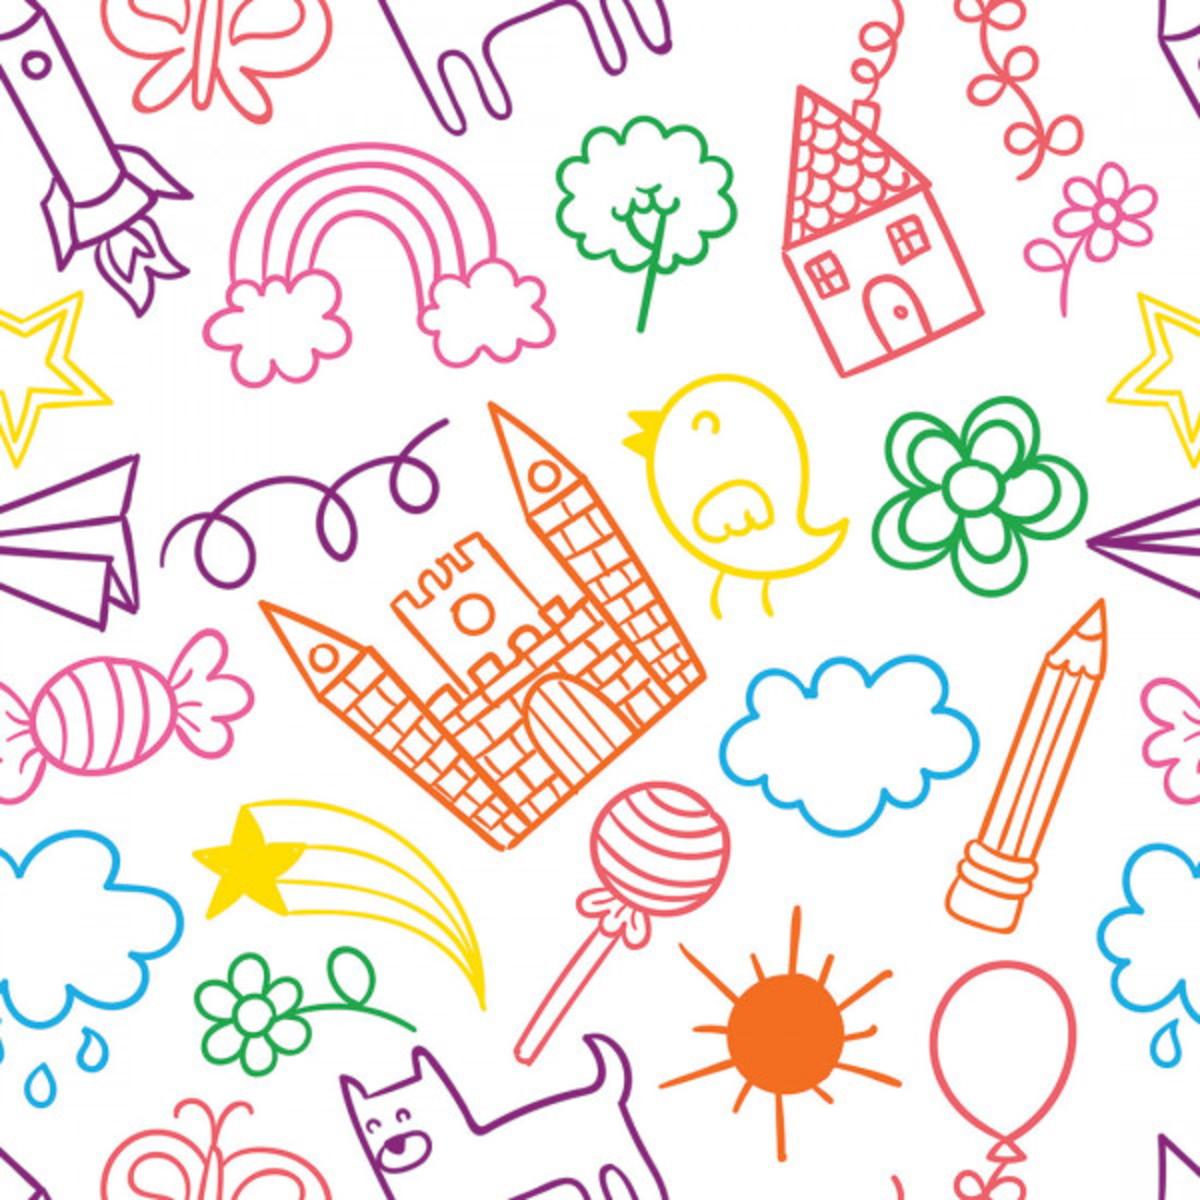 Papel De Parede Colorido Desenho Infantil Escola No Elo7 Sete